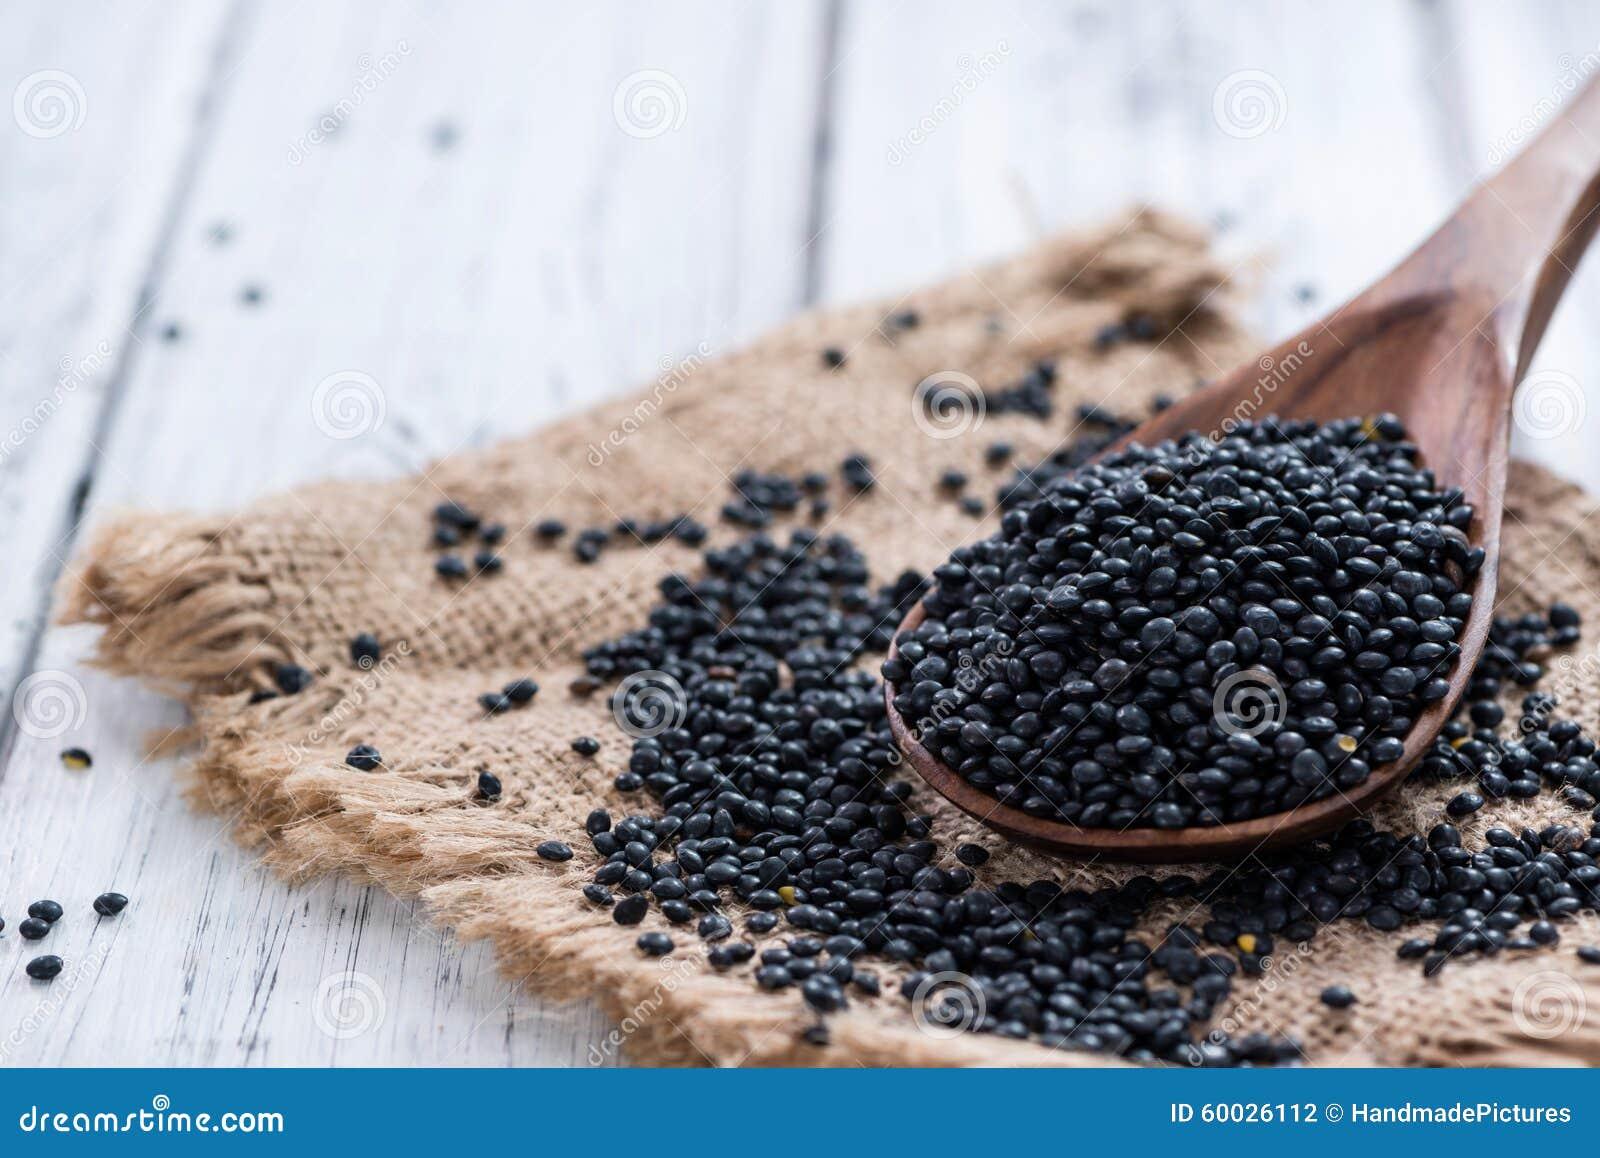 quelques lentilles noires tir en gros plan photo stock image 60026112. Black Bedroom Furniture Sets. Home Design Ideas